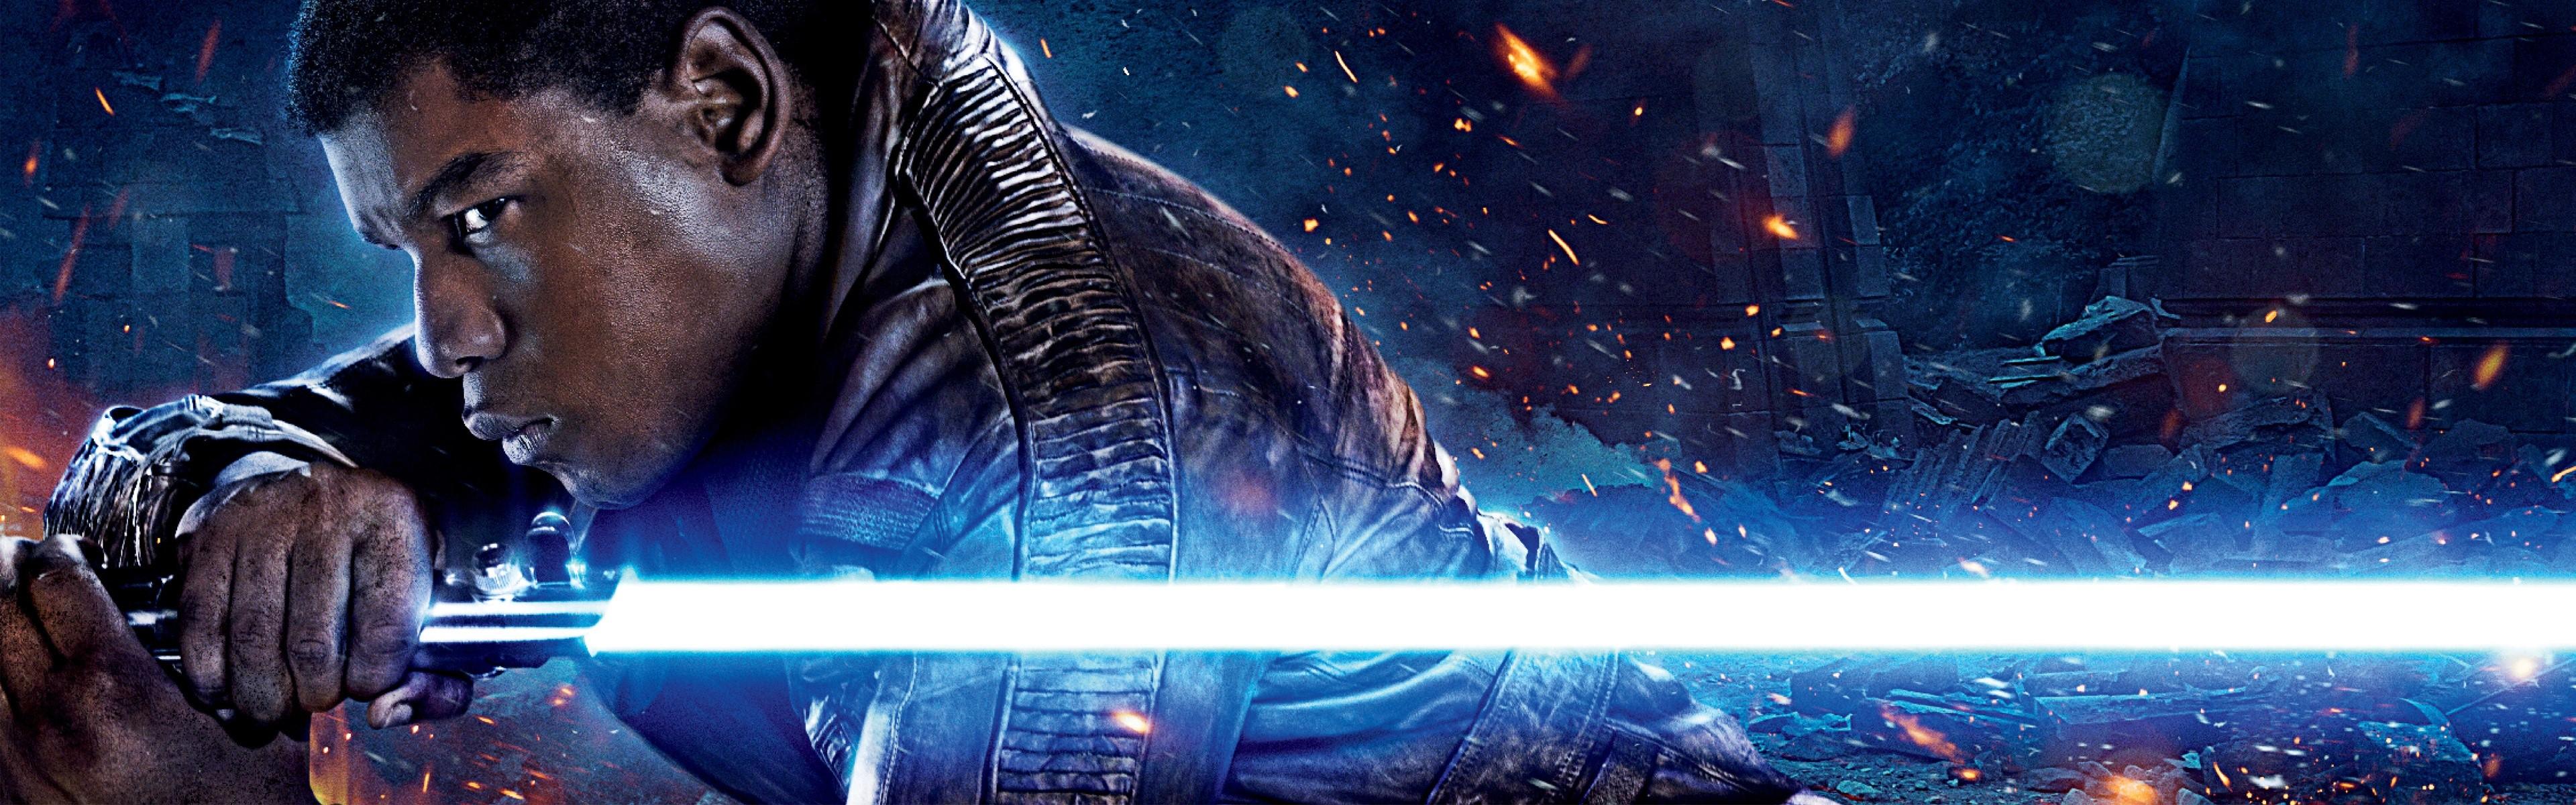 Fondos de pantalla Finn con su espada laser